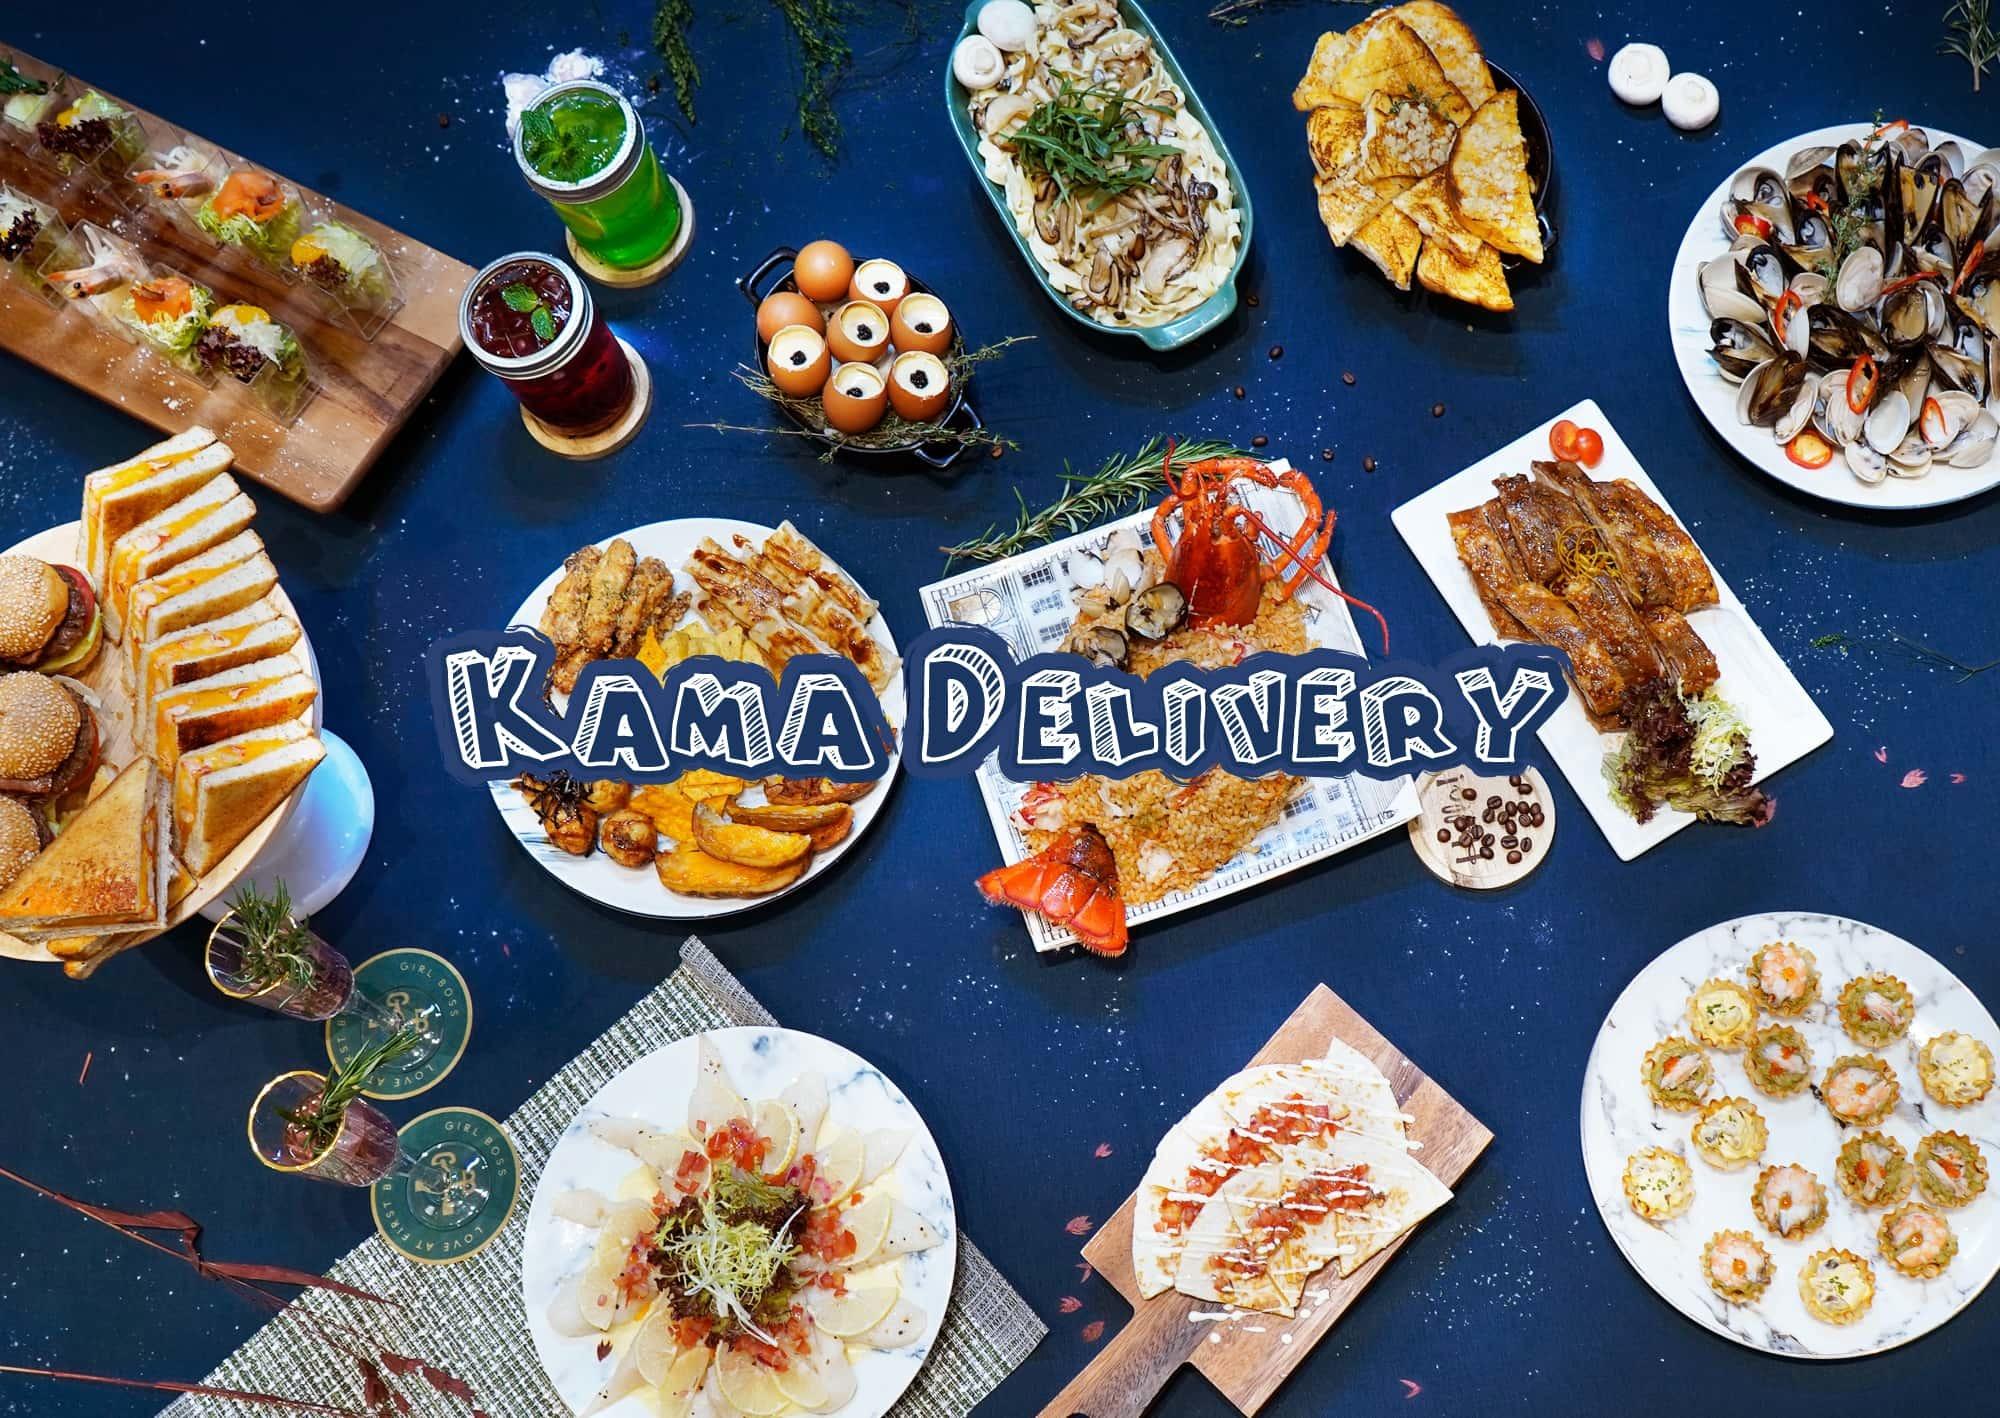 89人外賣套餐預訂|Kama Delivery為大型Party製作各款西式食品,並可為你的派對度身訂造個性化Menu及按人數調整食物份量。